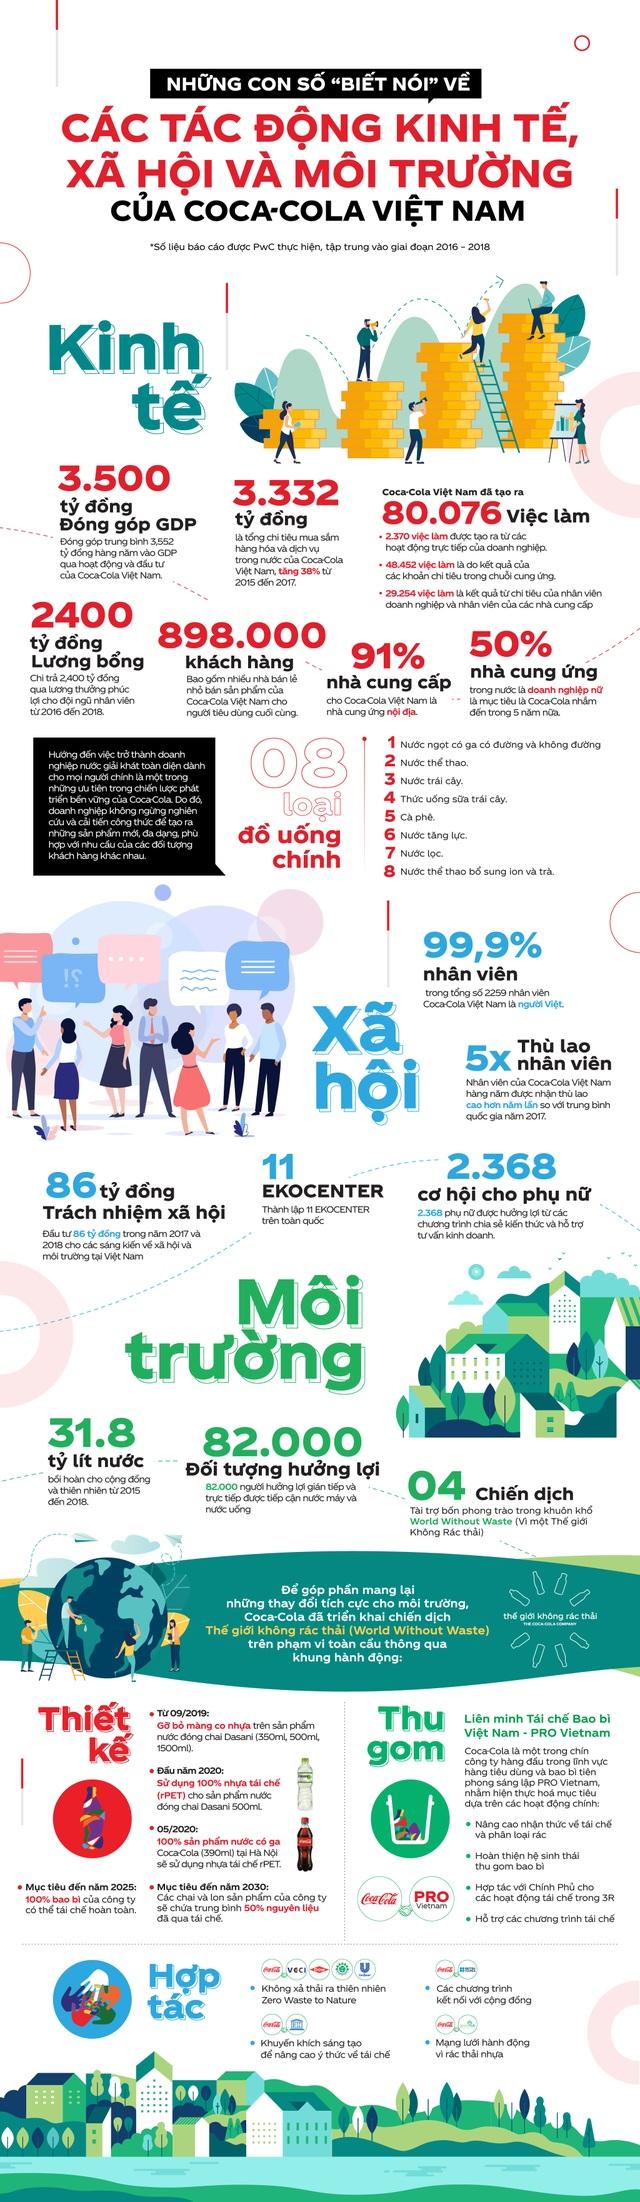 Với mạng lưới gần 1 triệu khách hàng đối tác, Coca-Cola kiến tạo giá trị gì cho người Việt? - 1